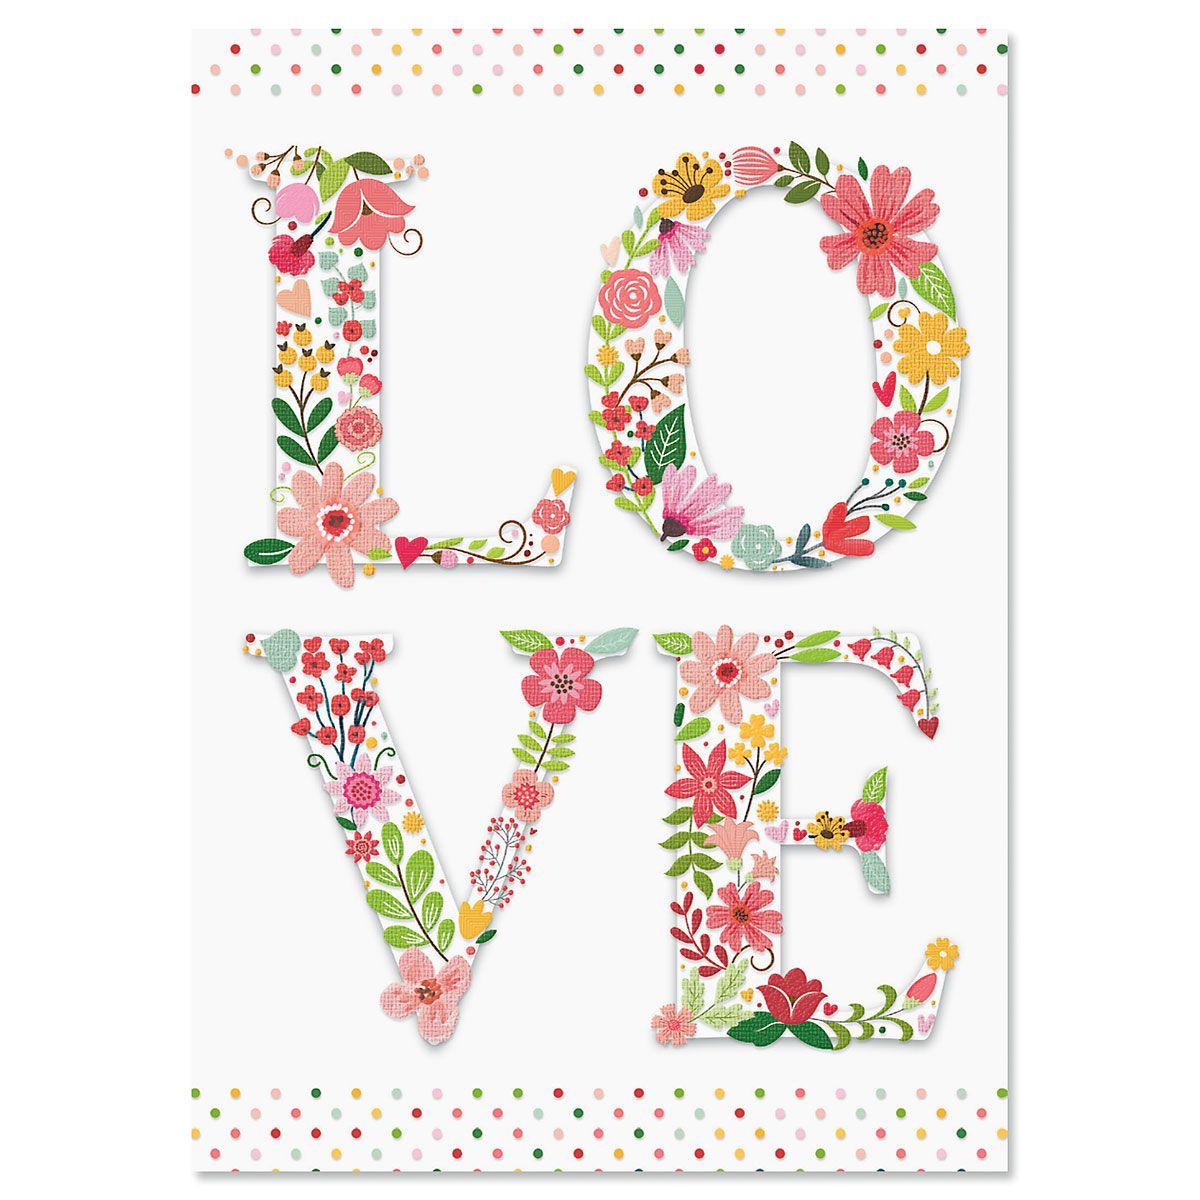 Diecut Love Valentine's Day Cards